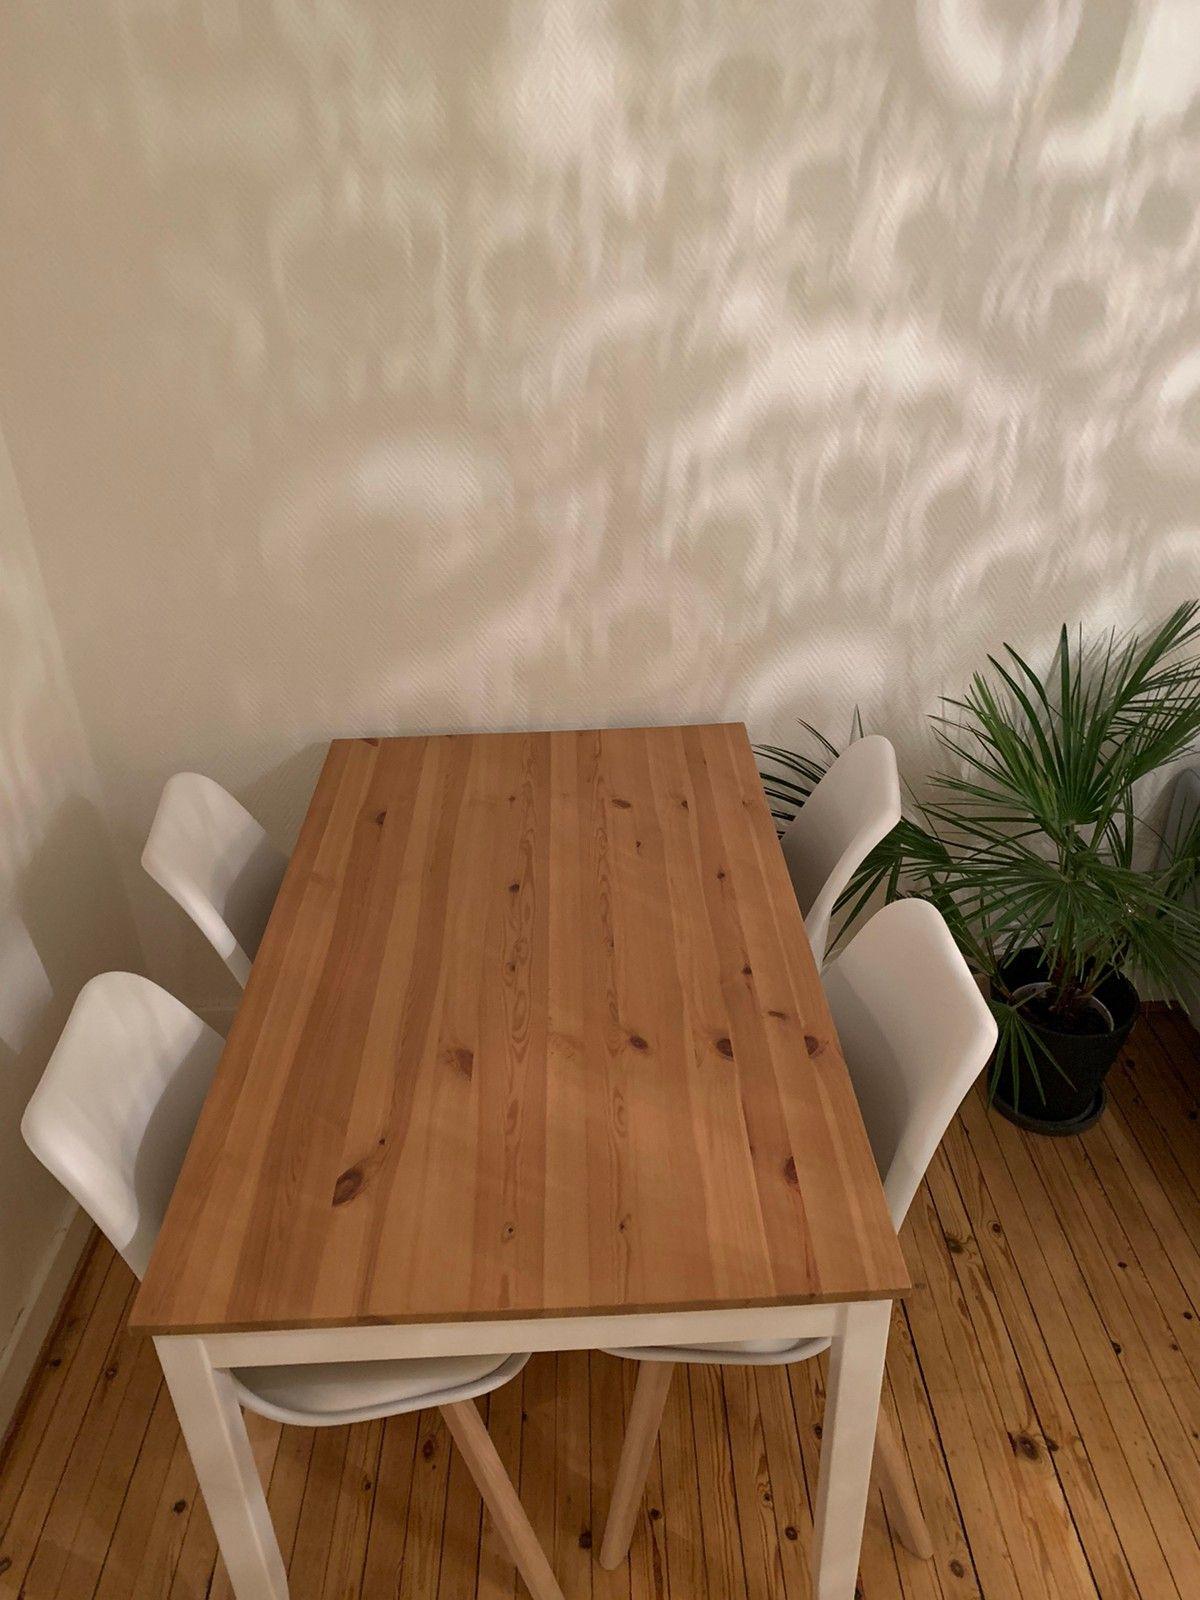 Lite brukt spisebord med Kjøpe, selge og utveksle annonser